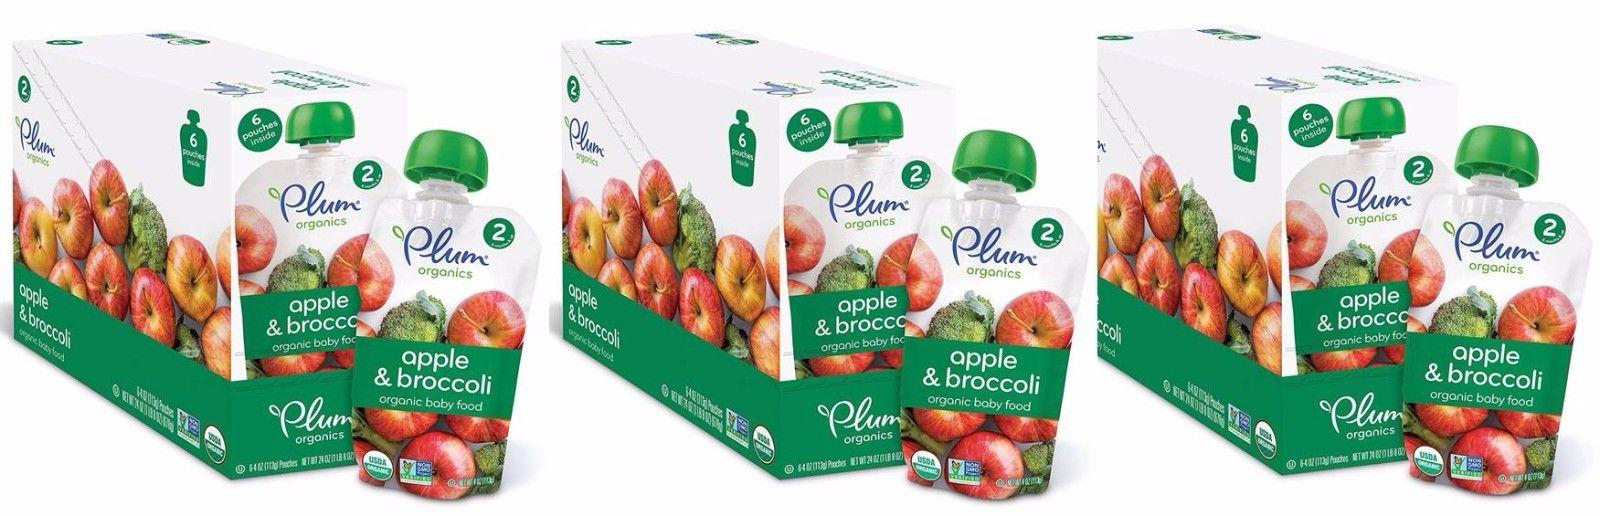 18 PACK Plum Organics Stage 2 Purees - Apple Broccoli 4oz each